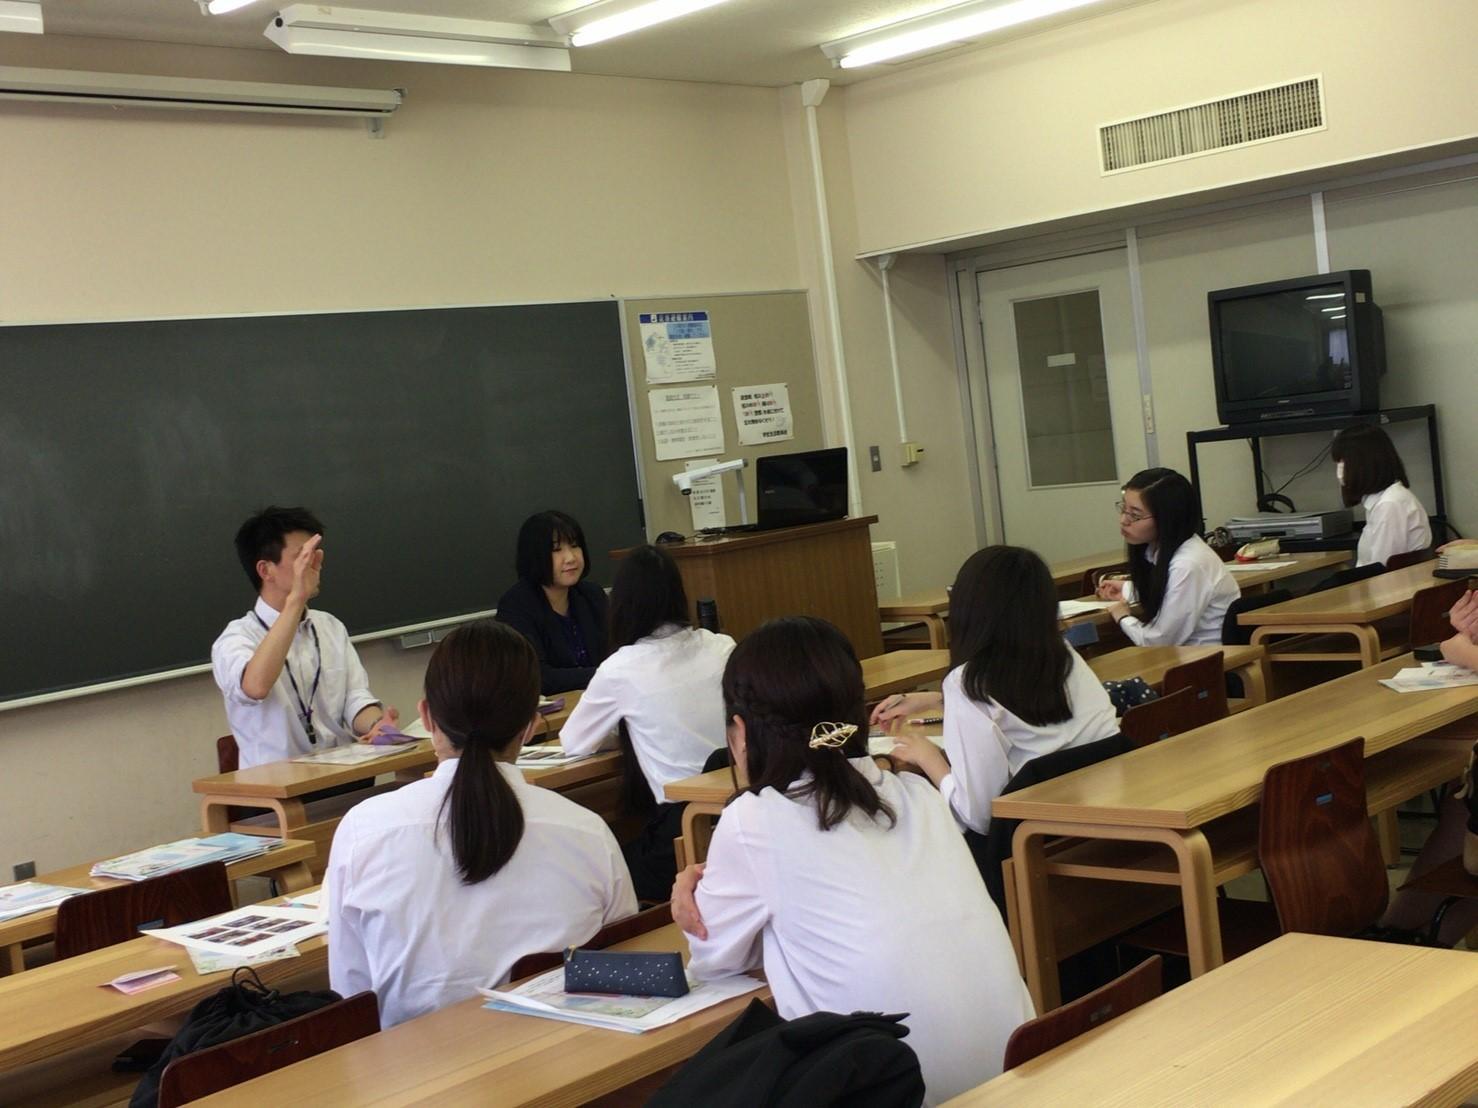 フィールド学習プログラムでセミナーを開催しました